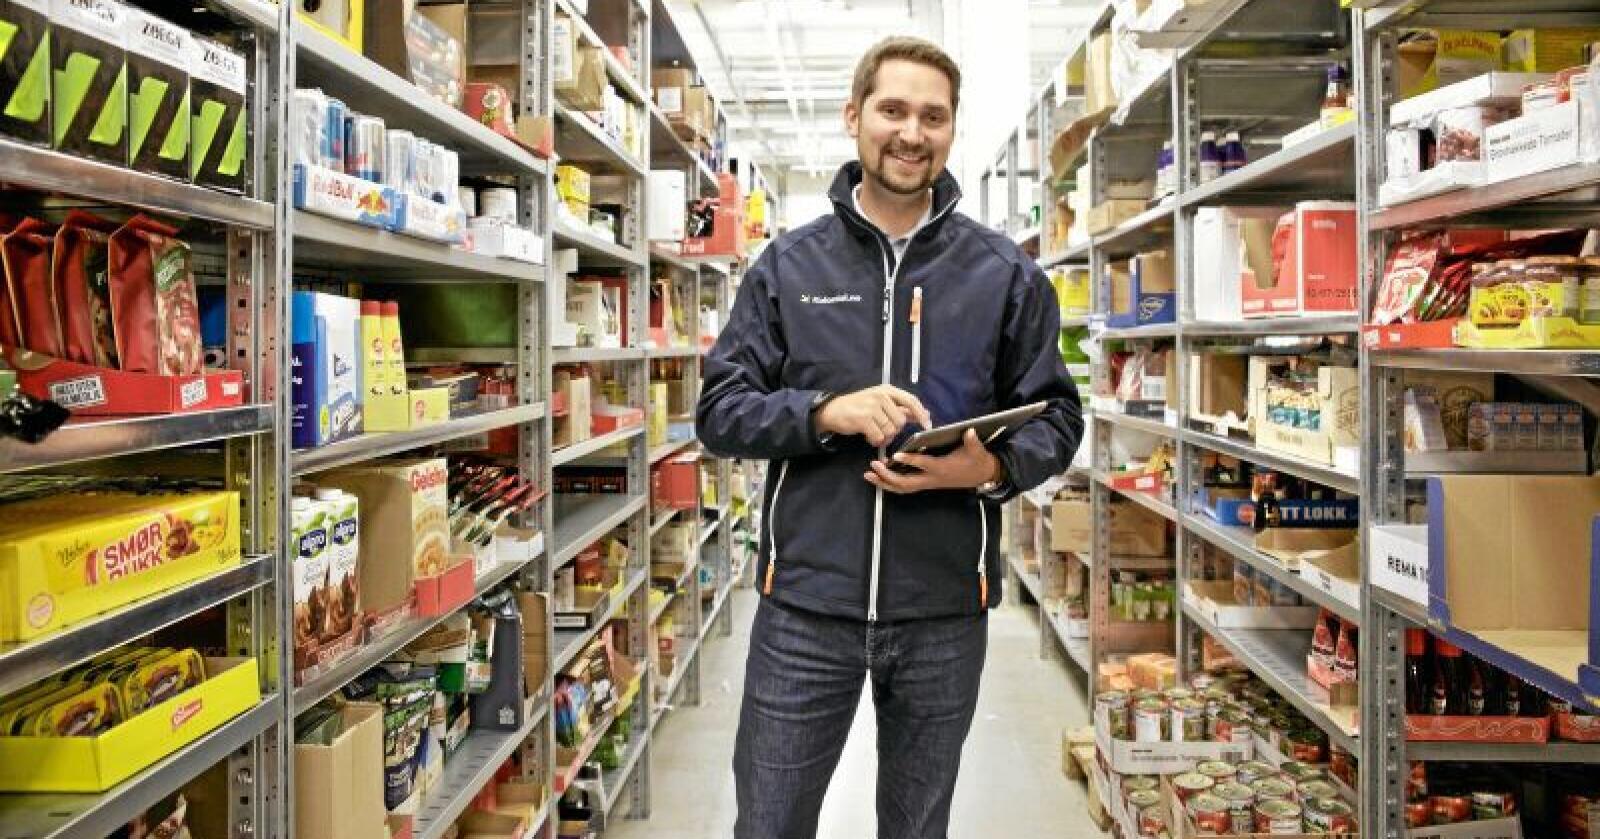 Karl Alveng Munthe-Kaas er tilhenger av å forby ulike innkøpspriser fra leverandører som har en dominerende markedsposisjon. Foto: Mats André Kristiansen / Kolonial.no